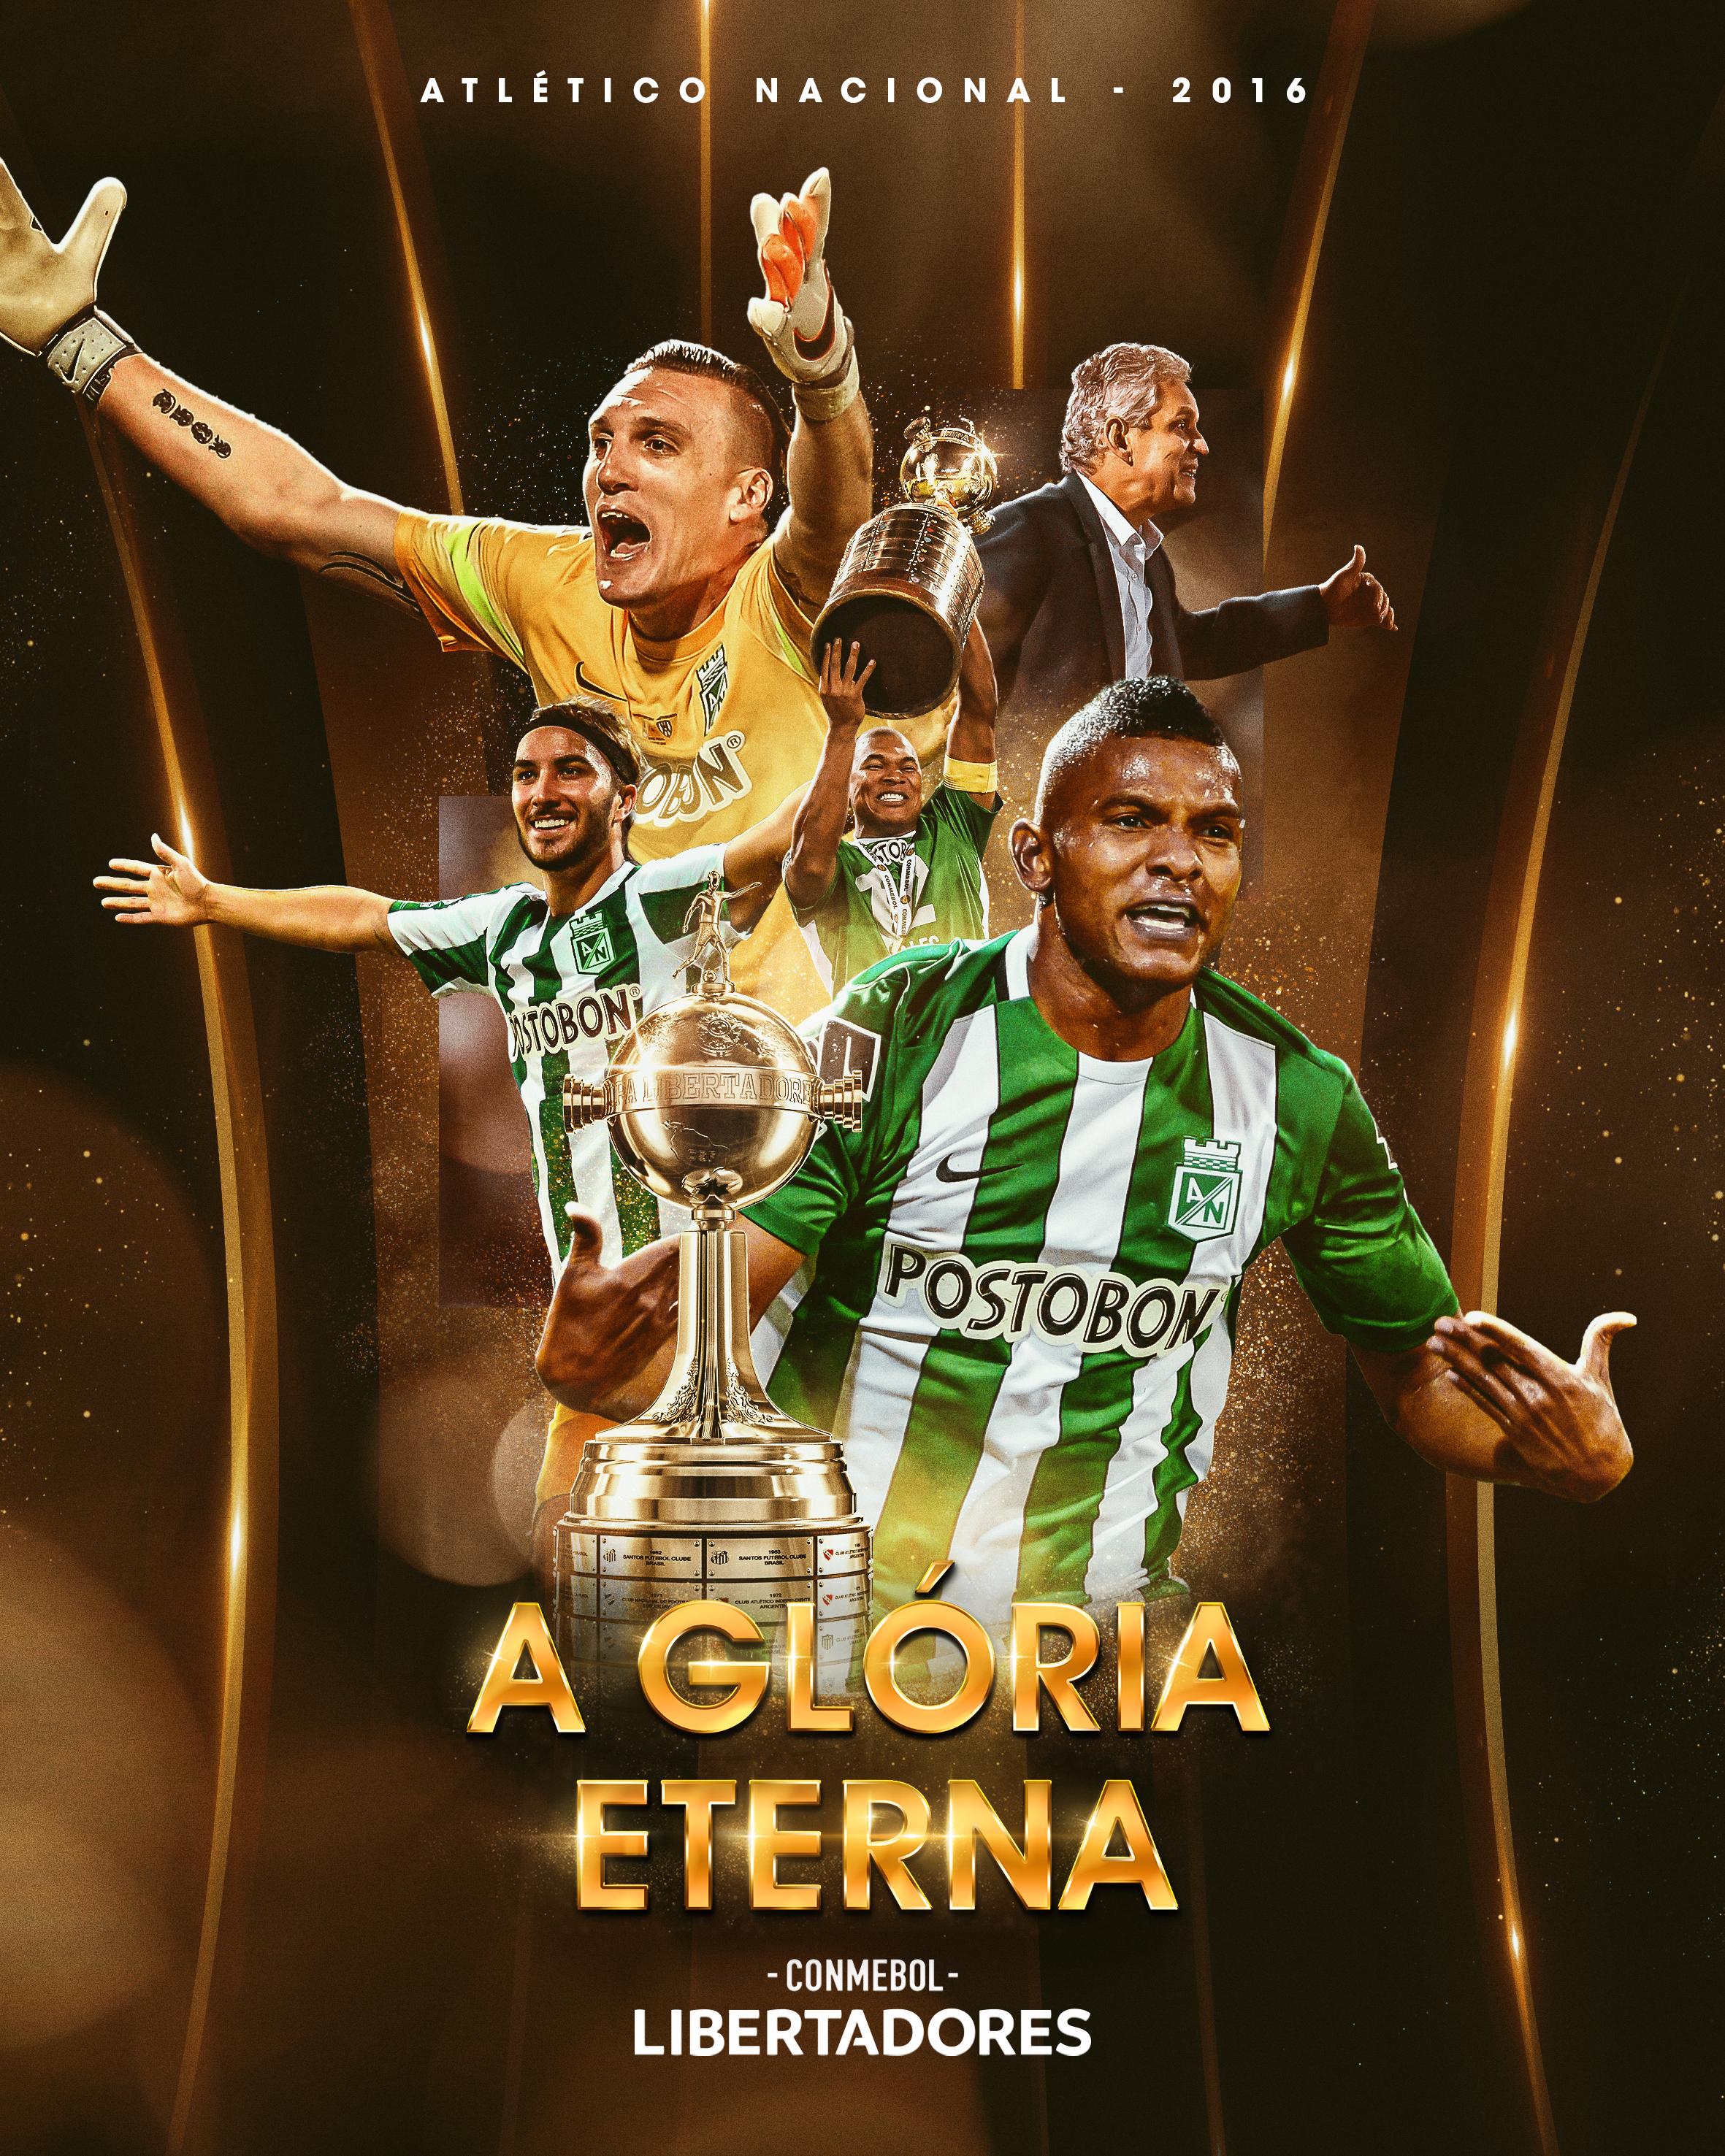 Atlético Nacional - Libertadores 2016